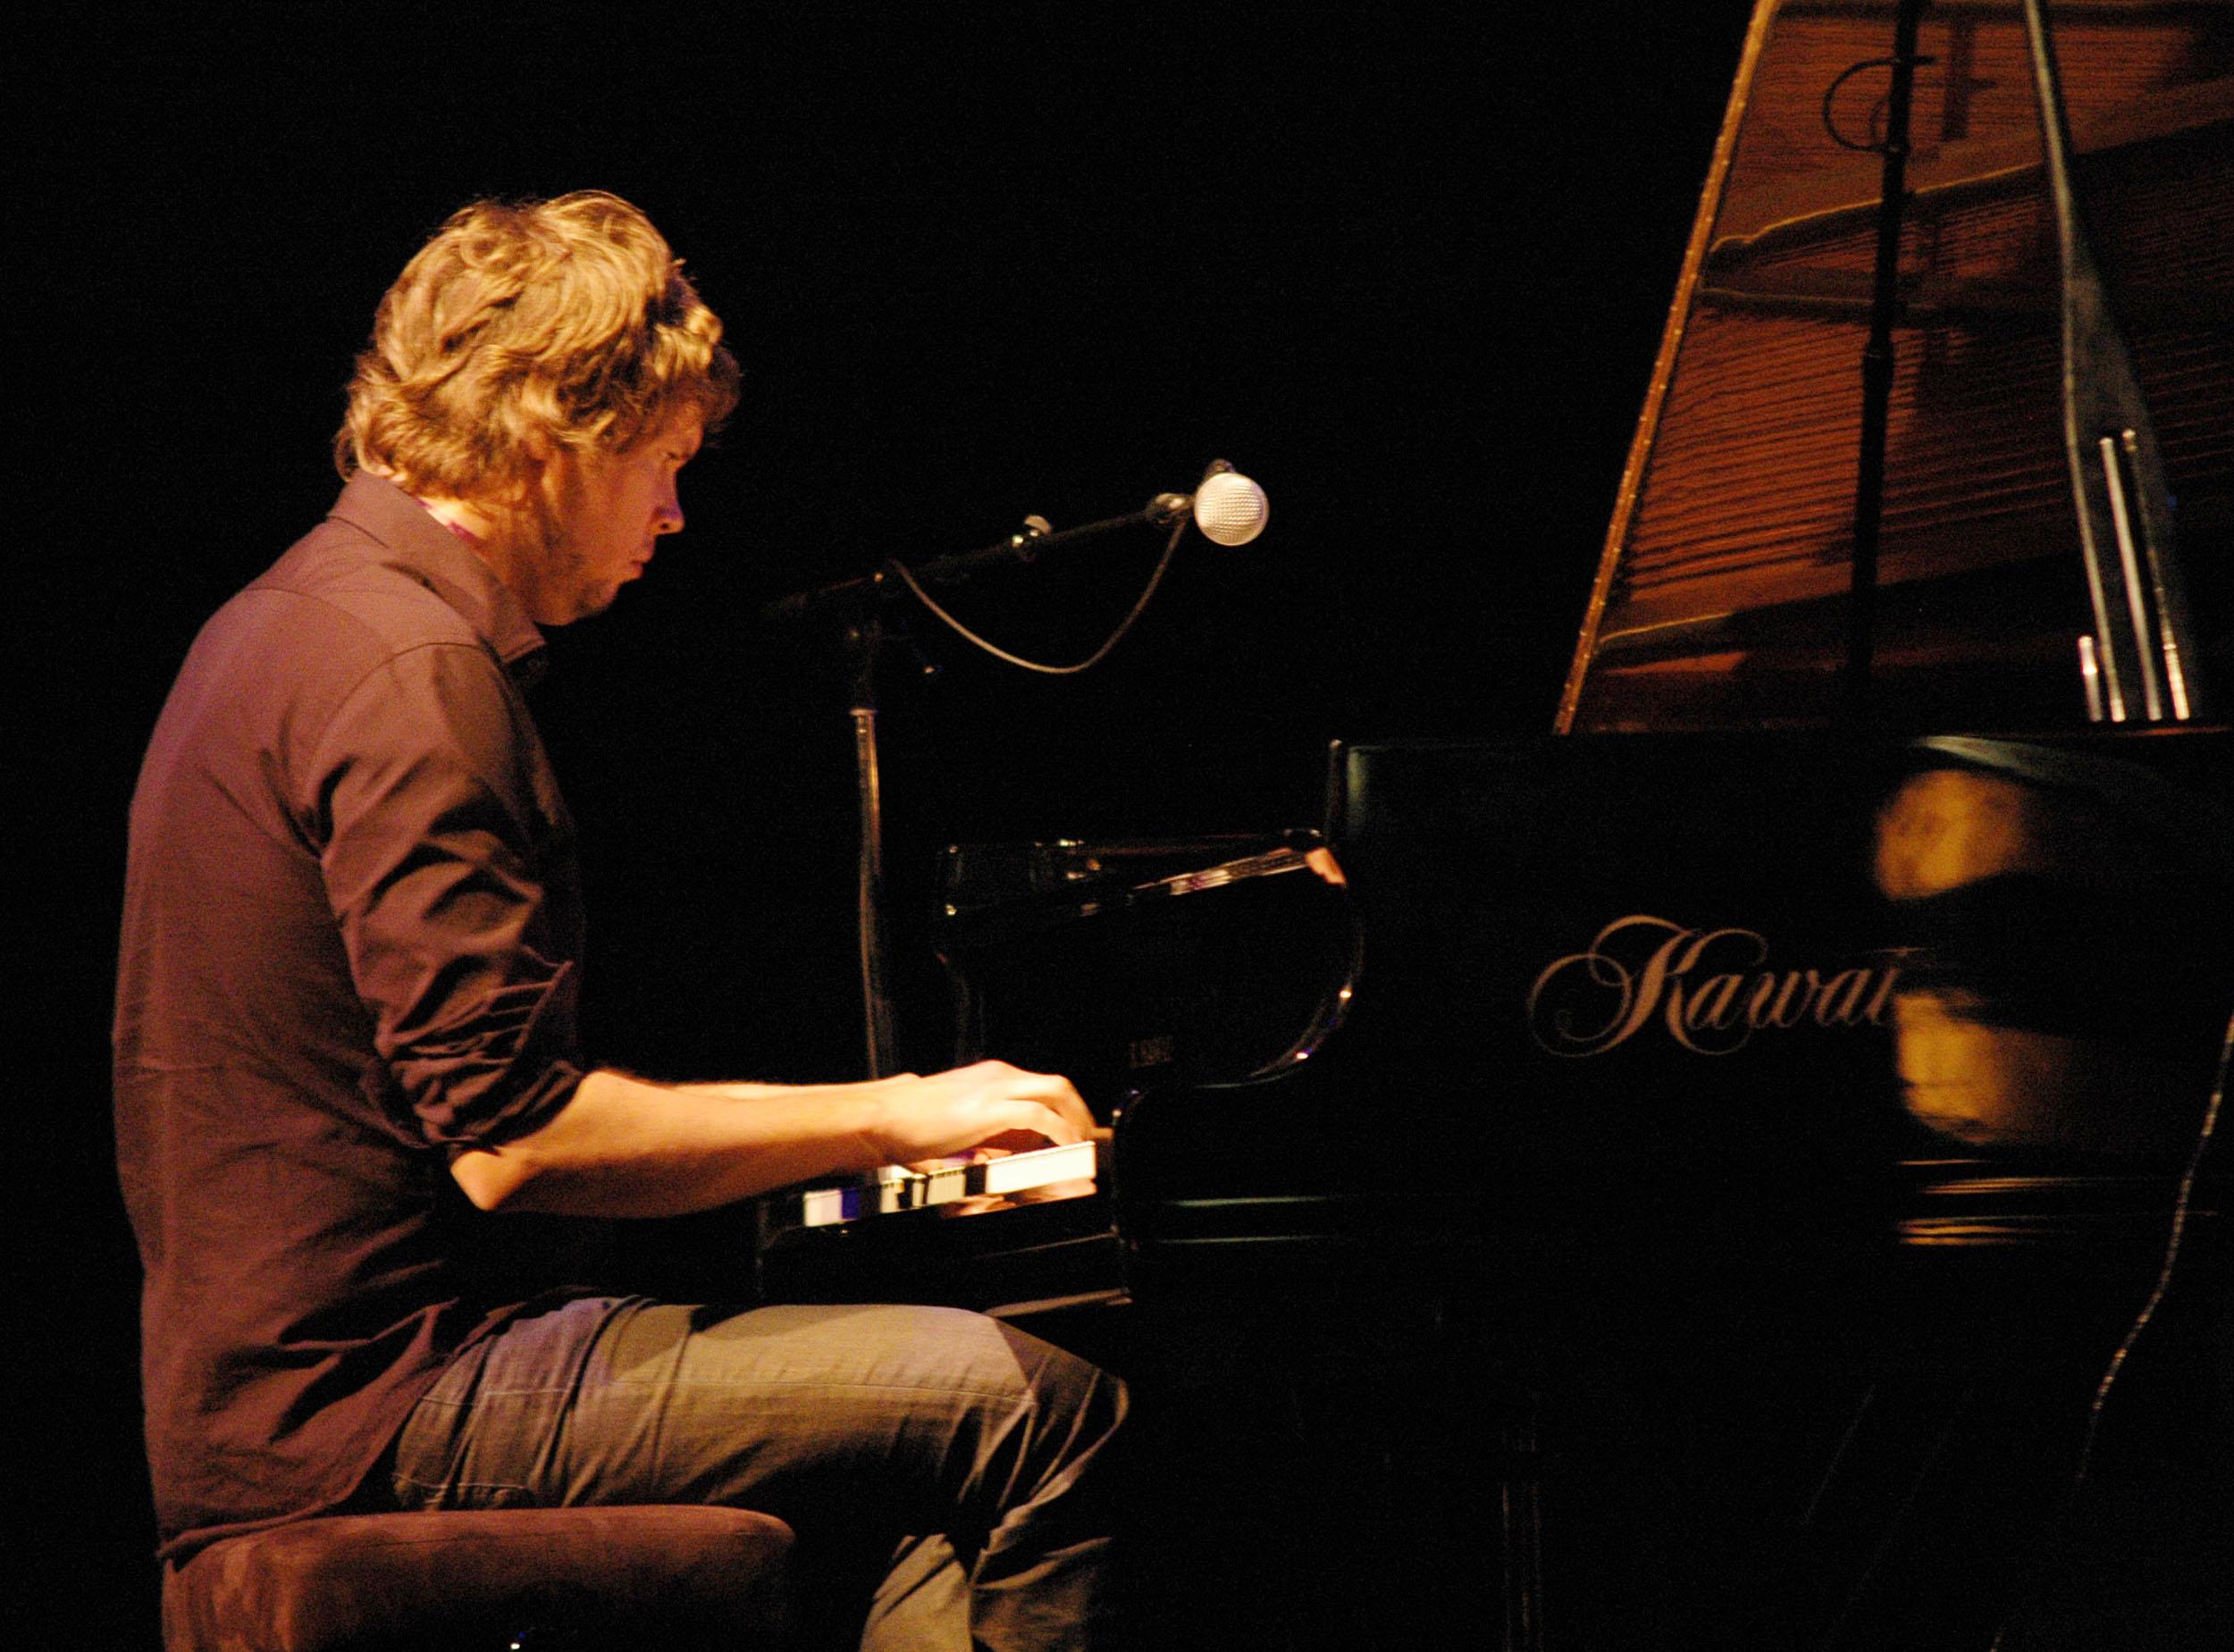 Samuli Mikkonen at 2010 Tampere Jazz Happening